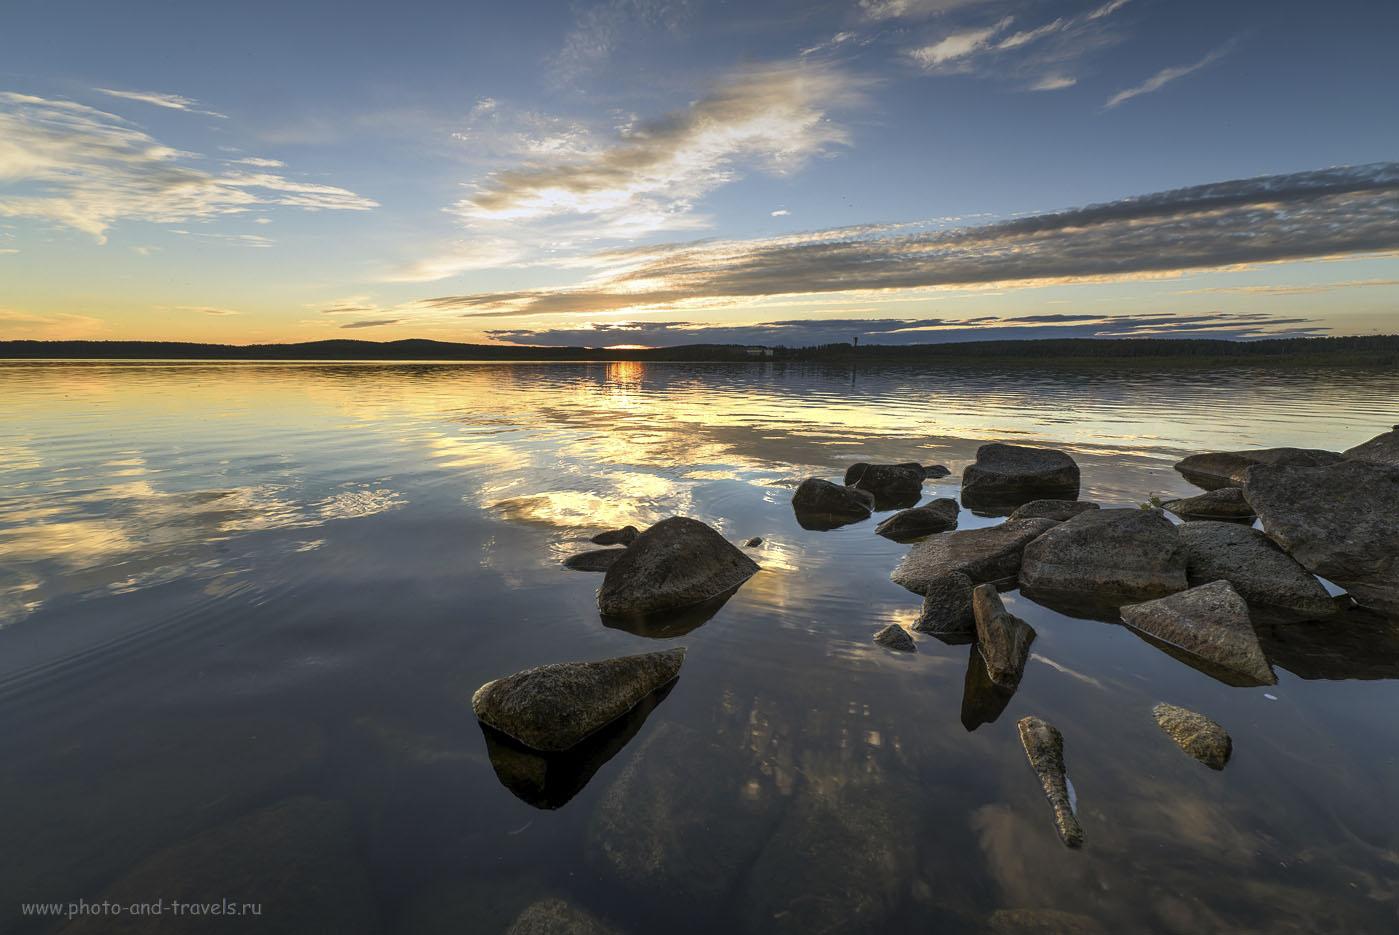 17. Озеро Чусовское, ХДР. Фотографируем пейзаж на широкоугольный фикс Samyang 14mm f/2.8 и тушку Nikon D610.